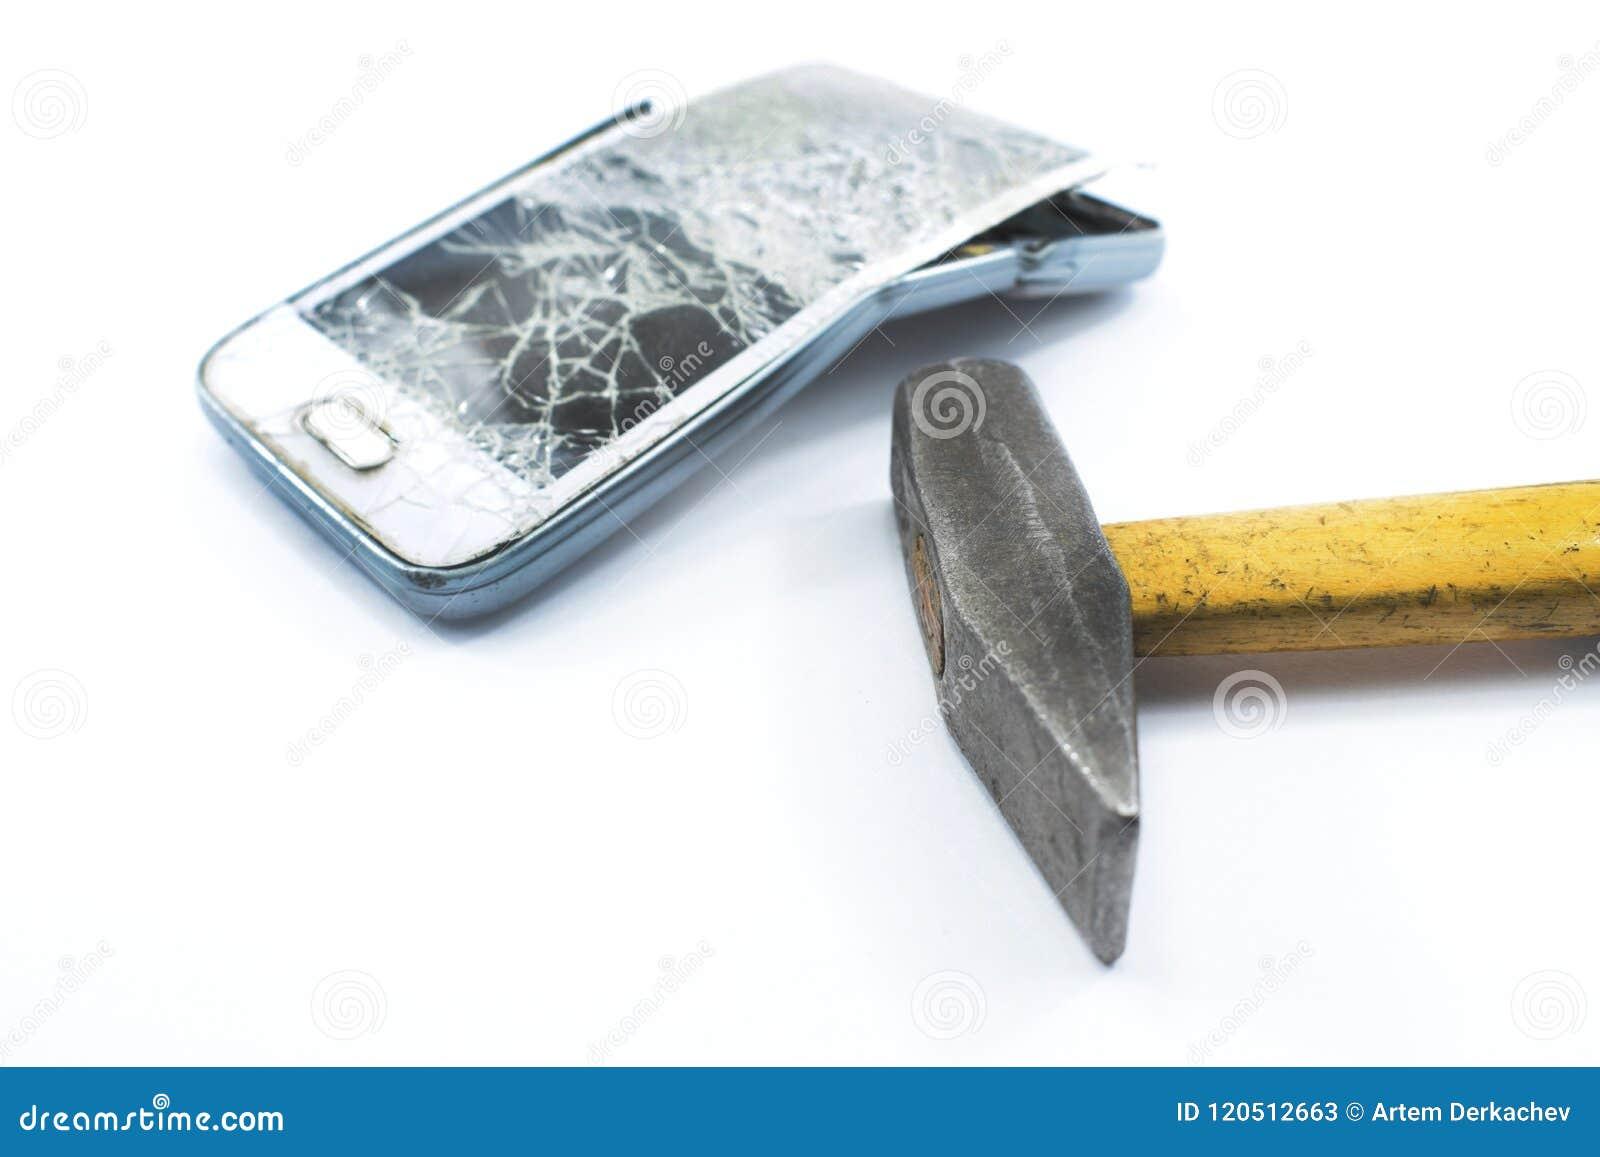 Telefone celular quebrado com um martelo em um fundo branco